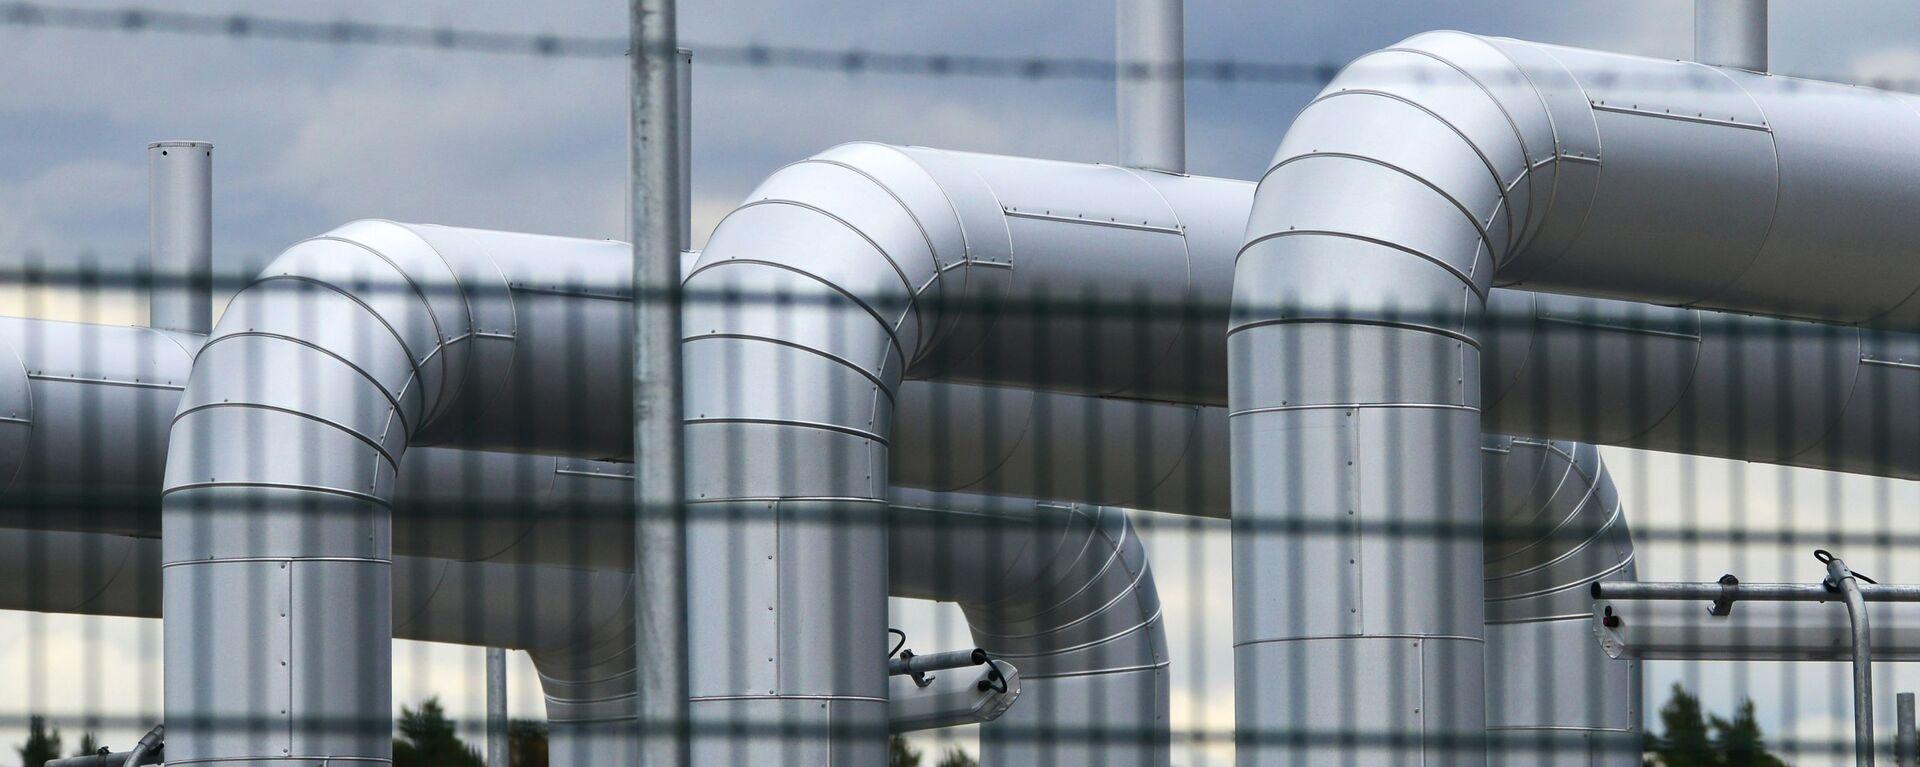 La construcción del gasoducto Nord Stream 2 - Sputnik Mundo, 1920, 10.09.2021